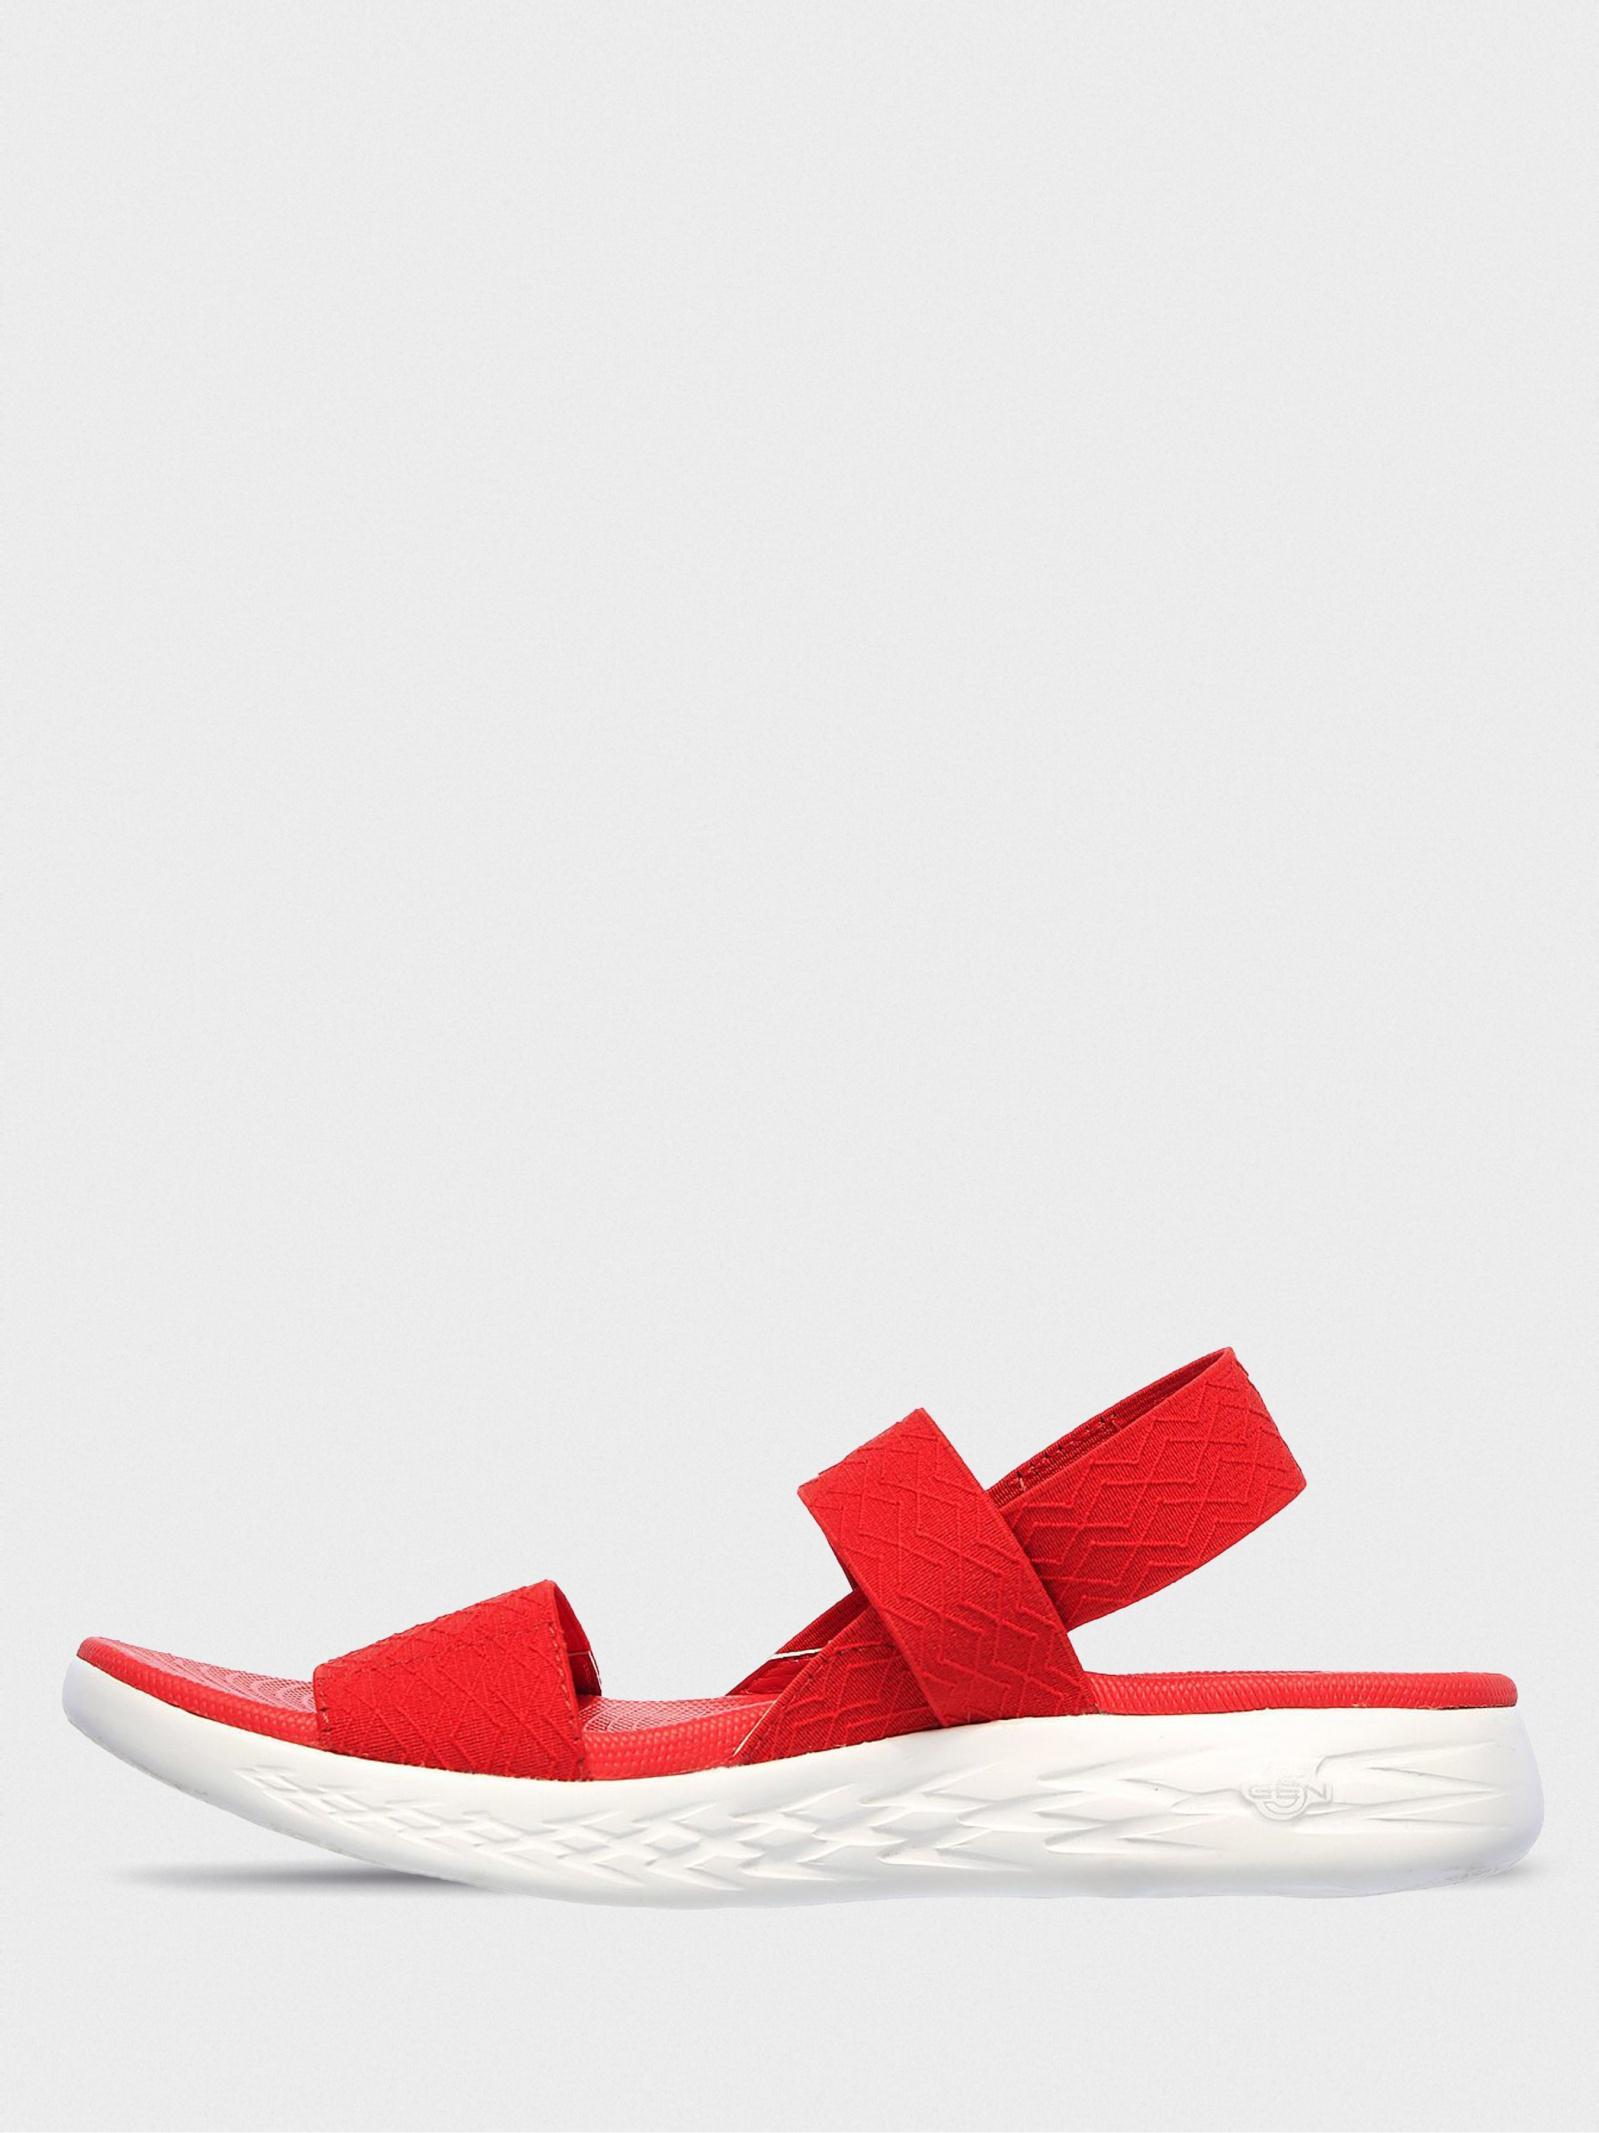 Сандалі  жіночі Skechers 140026 RED продаж, 2017